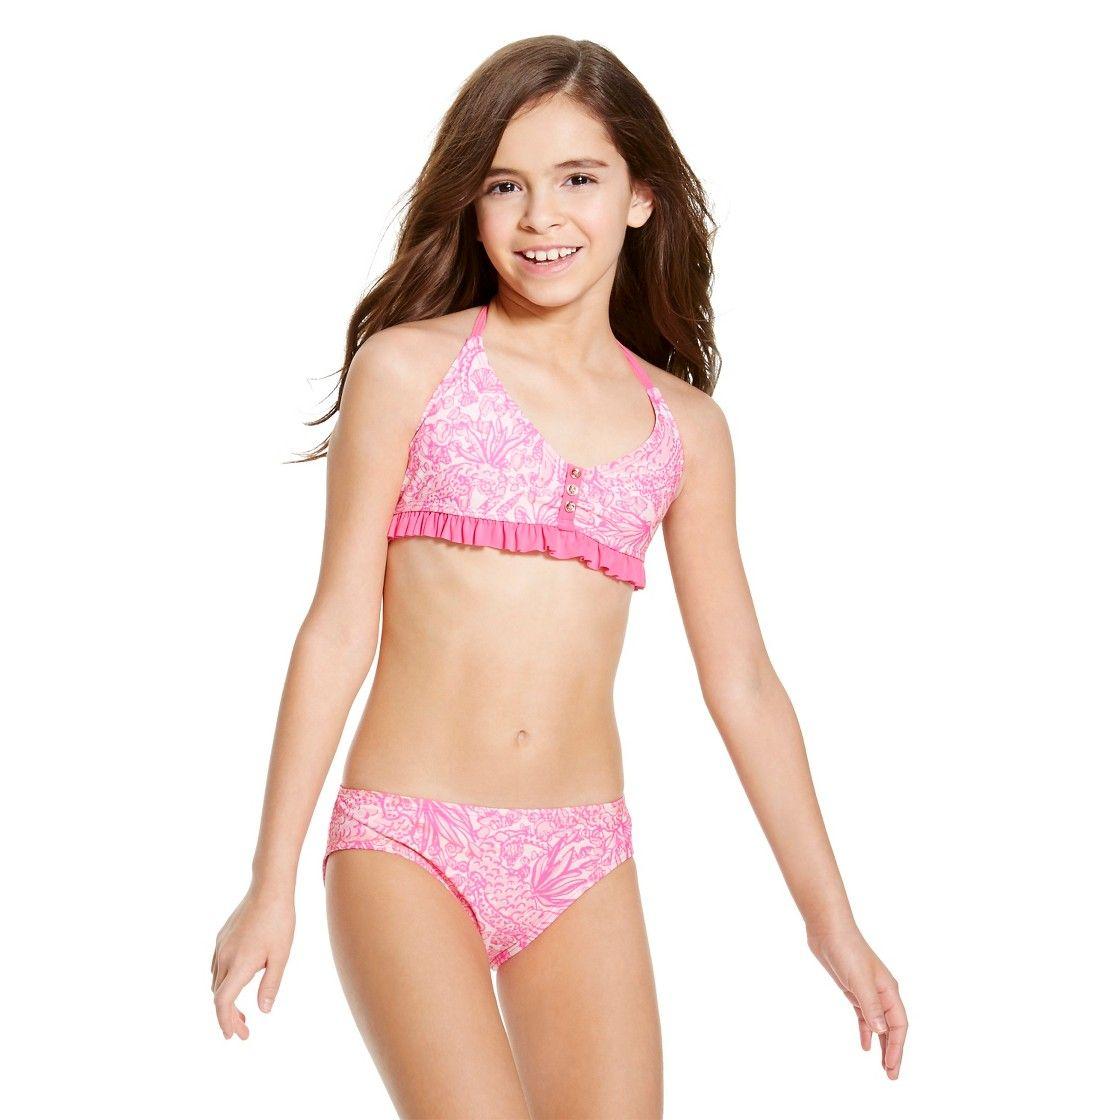 Then Swimwear for teen girls German